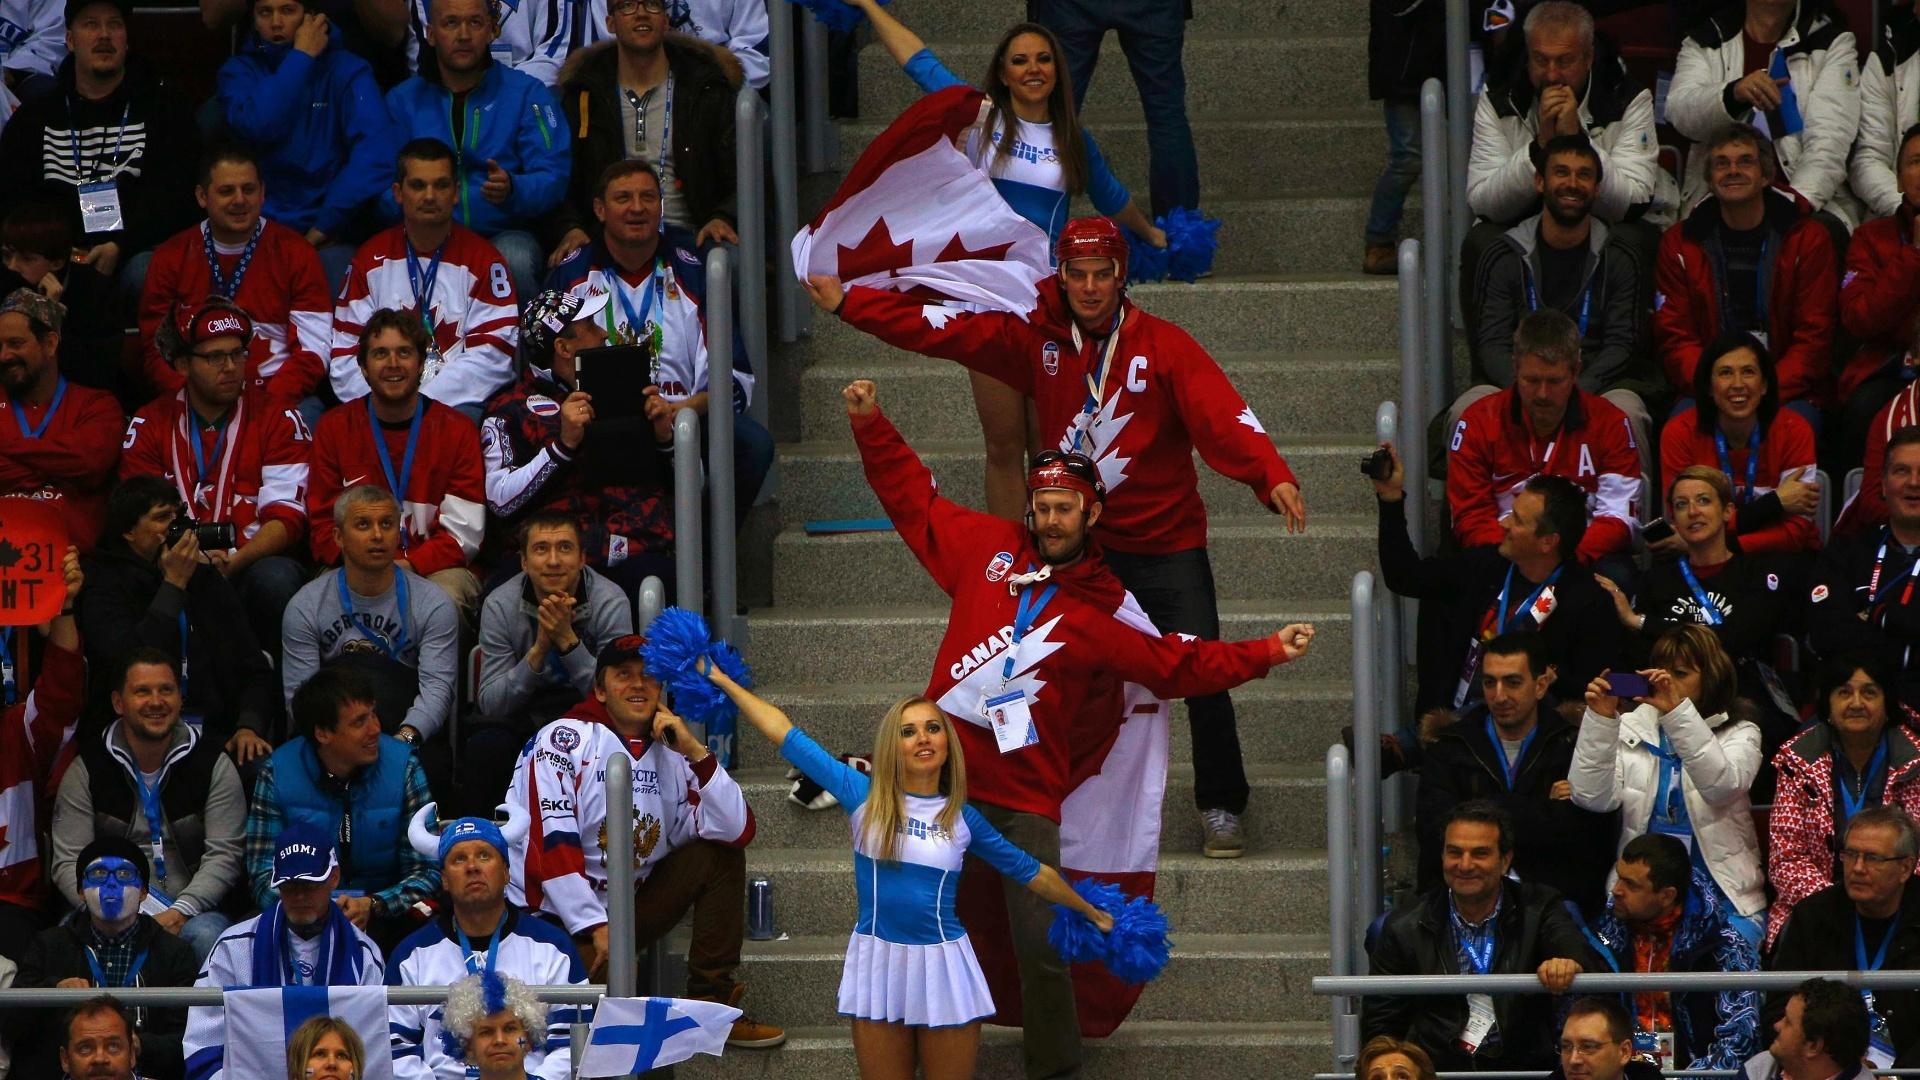 16.02.14 - Torcida canadense faz graça com cheerleaders durante jogo entre Canadá e Finlândia pelo hóquei no gelo masculino